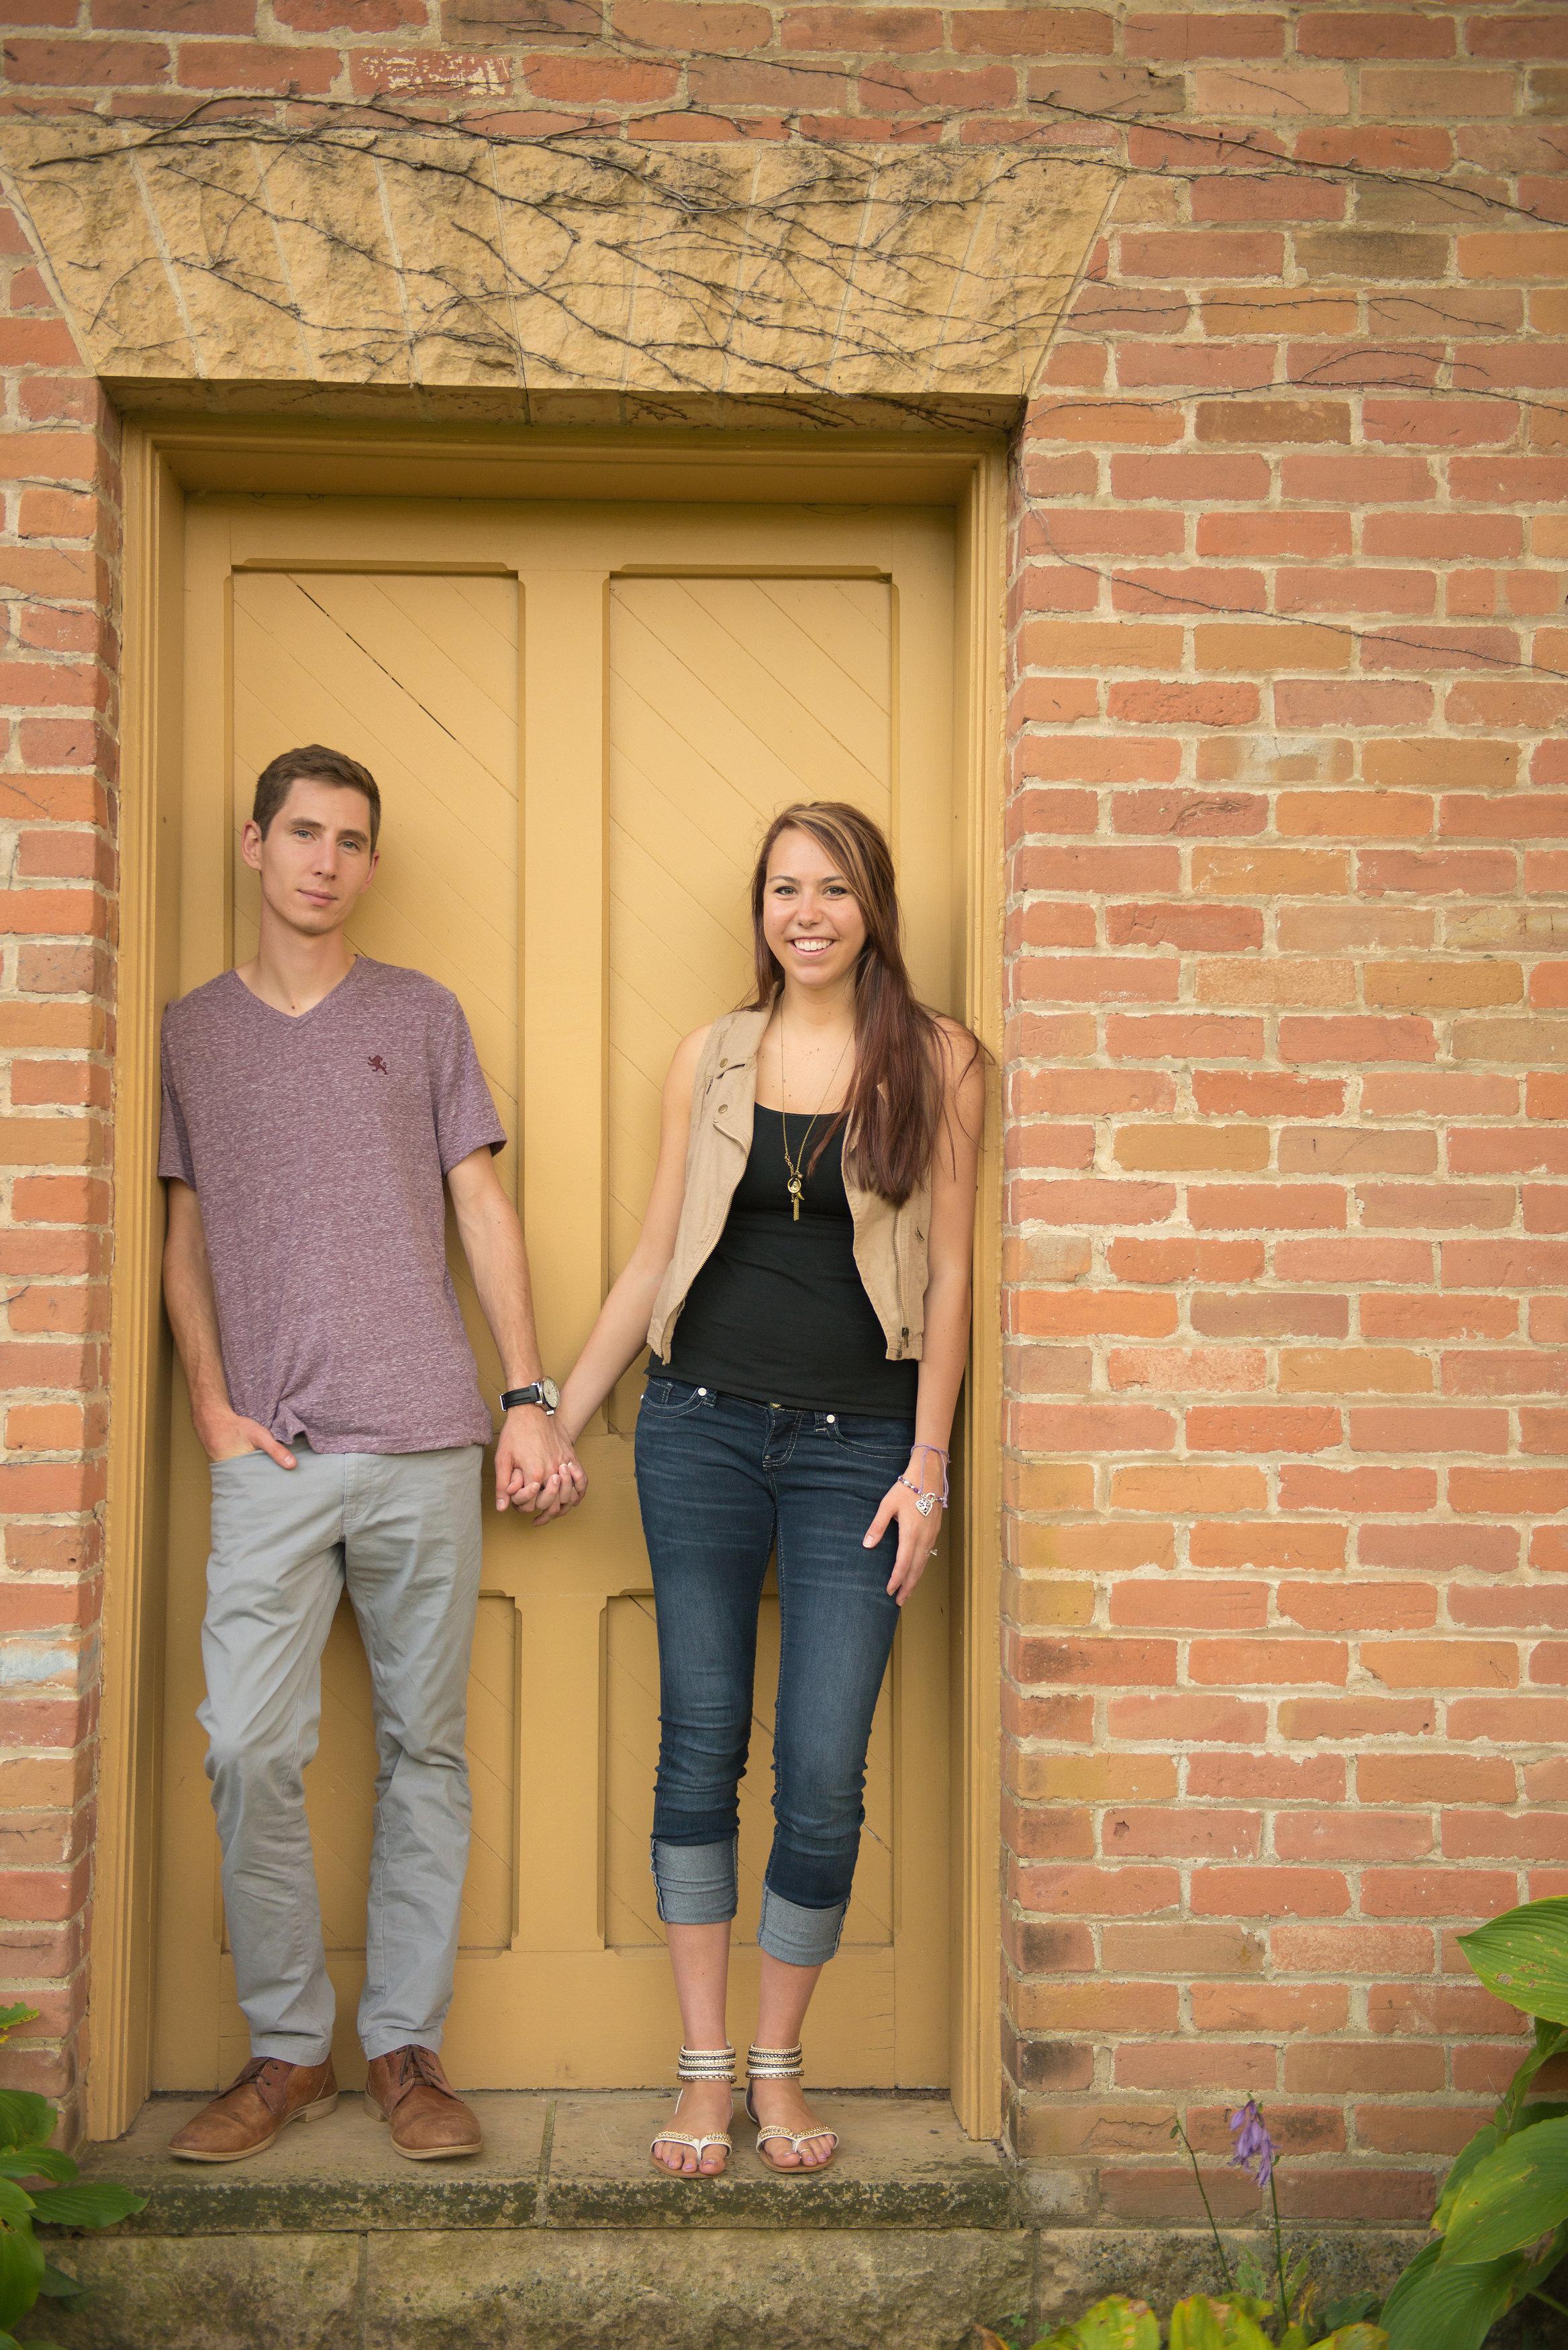 Orlando-couple-holding-hands-door.jpg